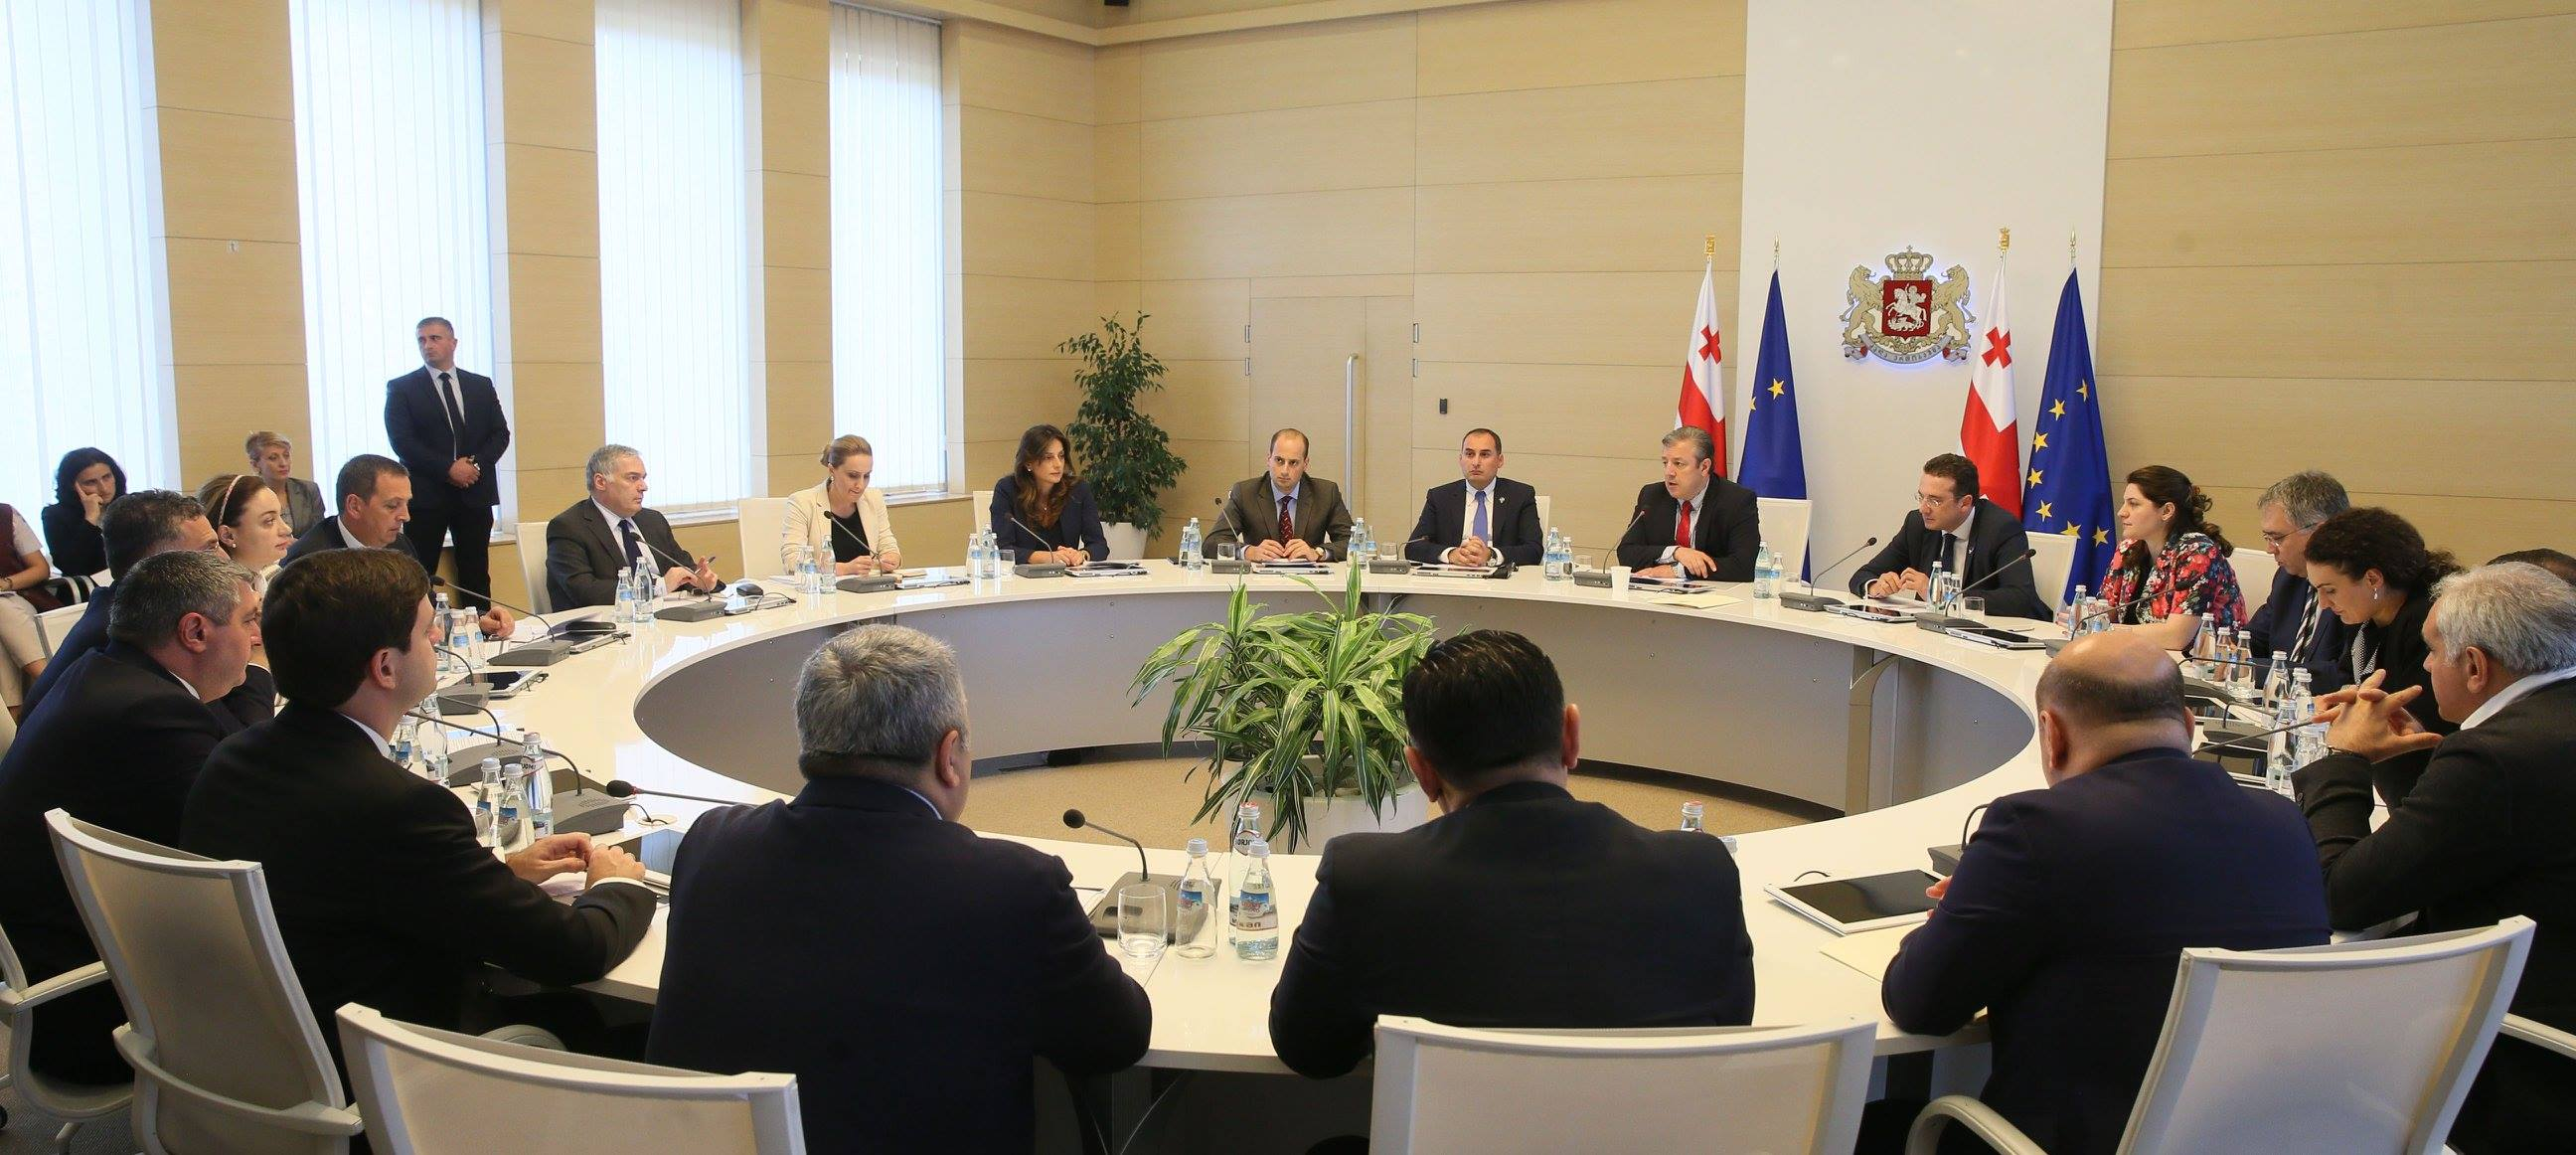 Кадровые перестановки в правительстве Грузии